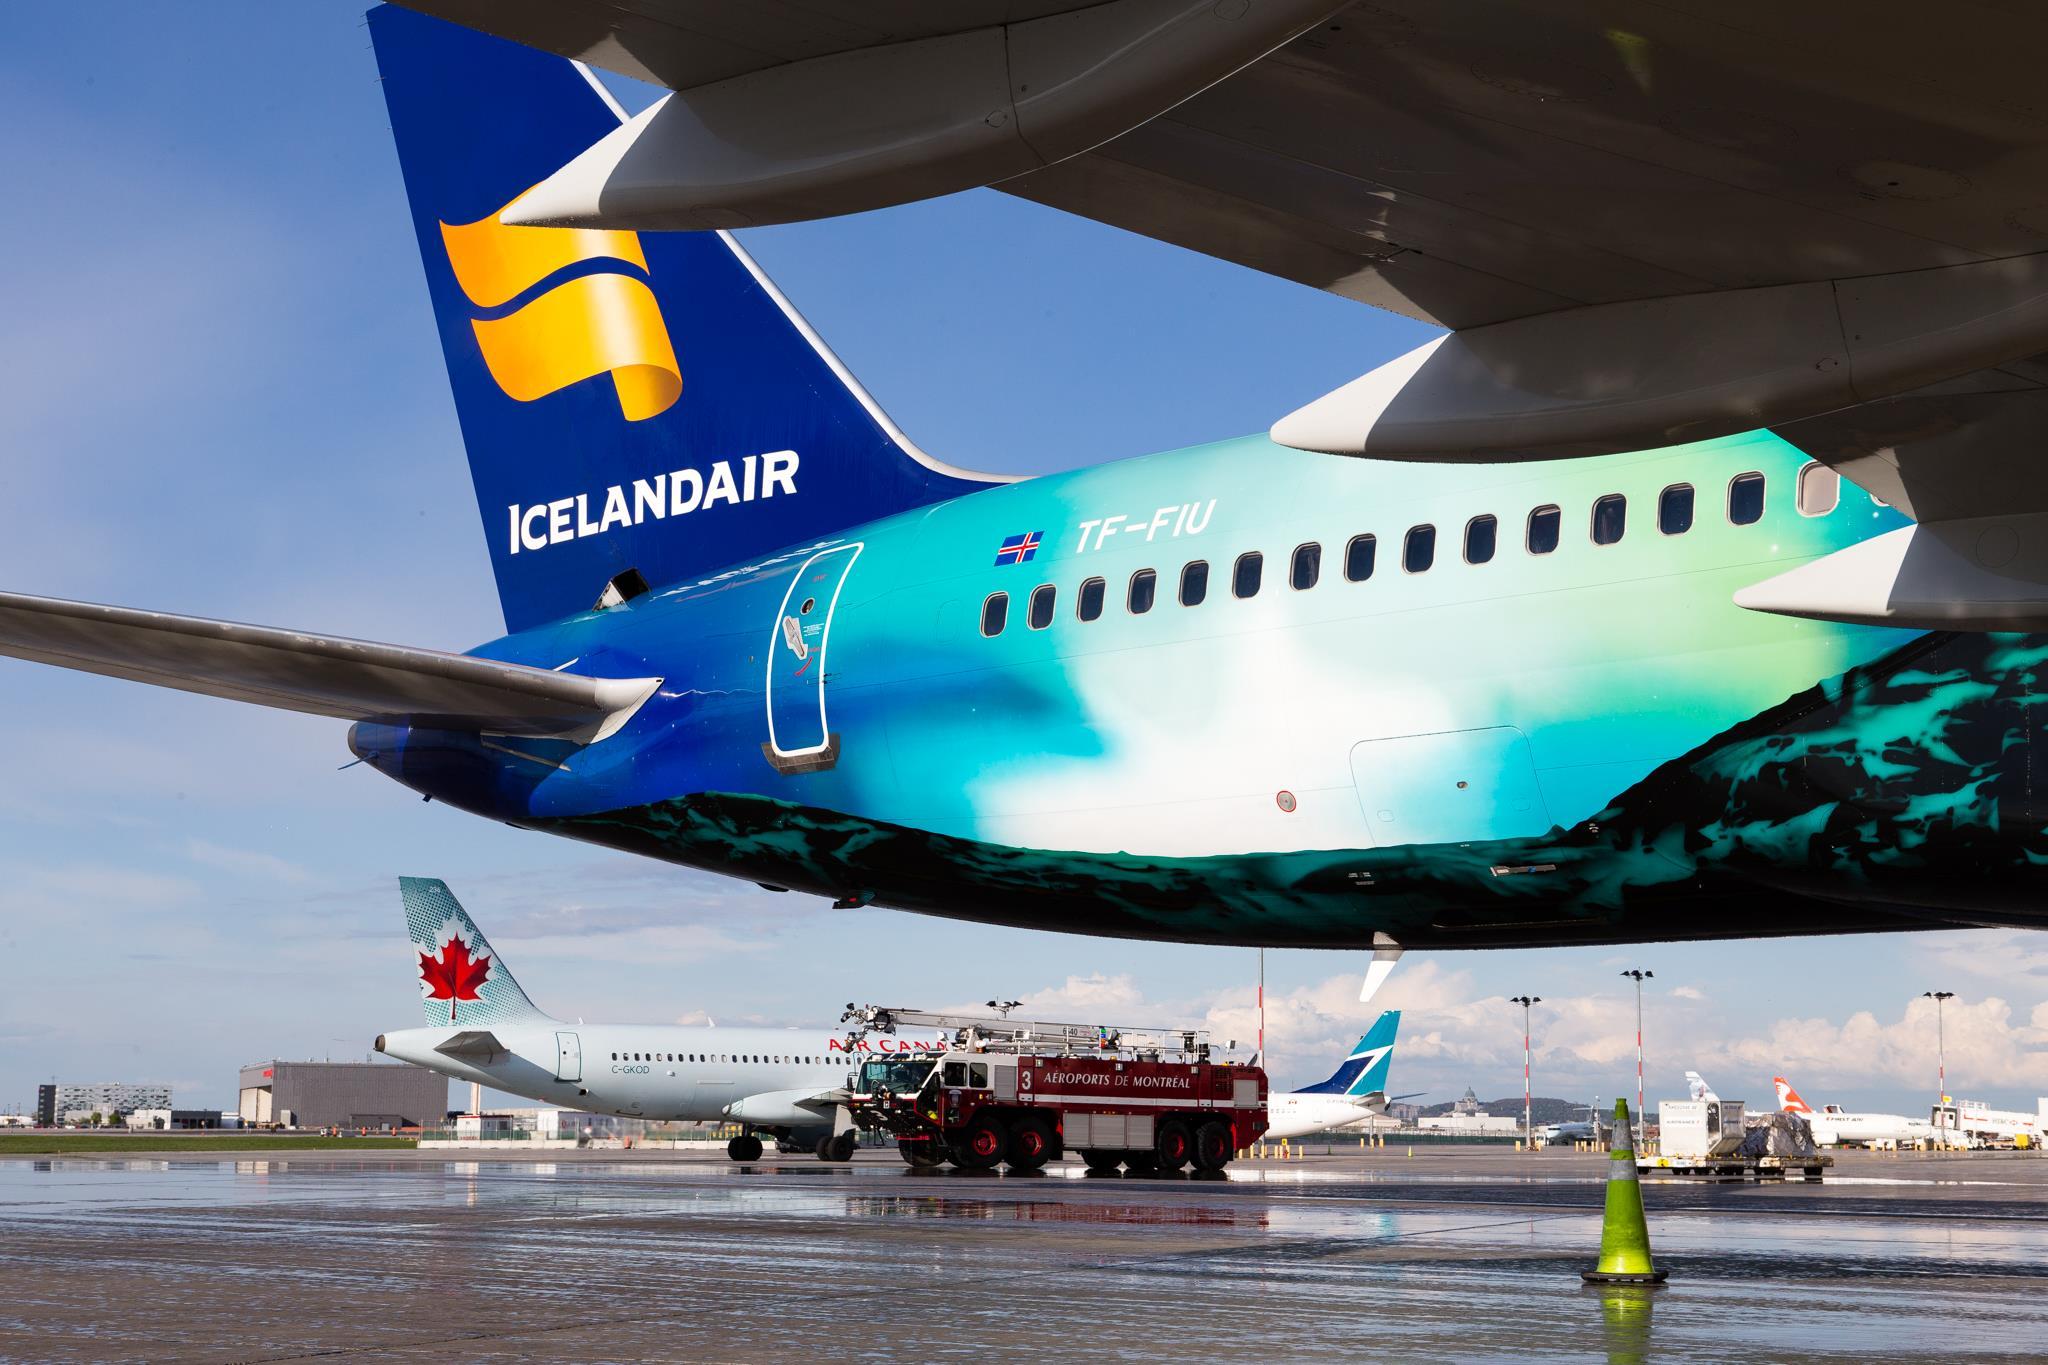 Hekla Aurora foretog åbningsflyvningen fra Keflavik til Montreal. (Foto: Aéroports de Montréal)